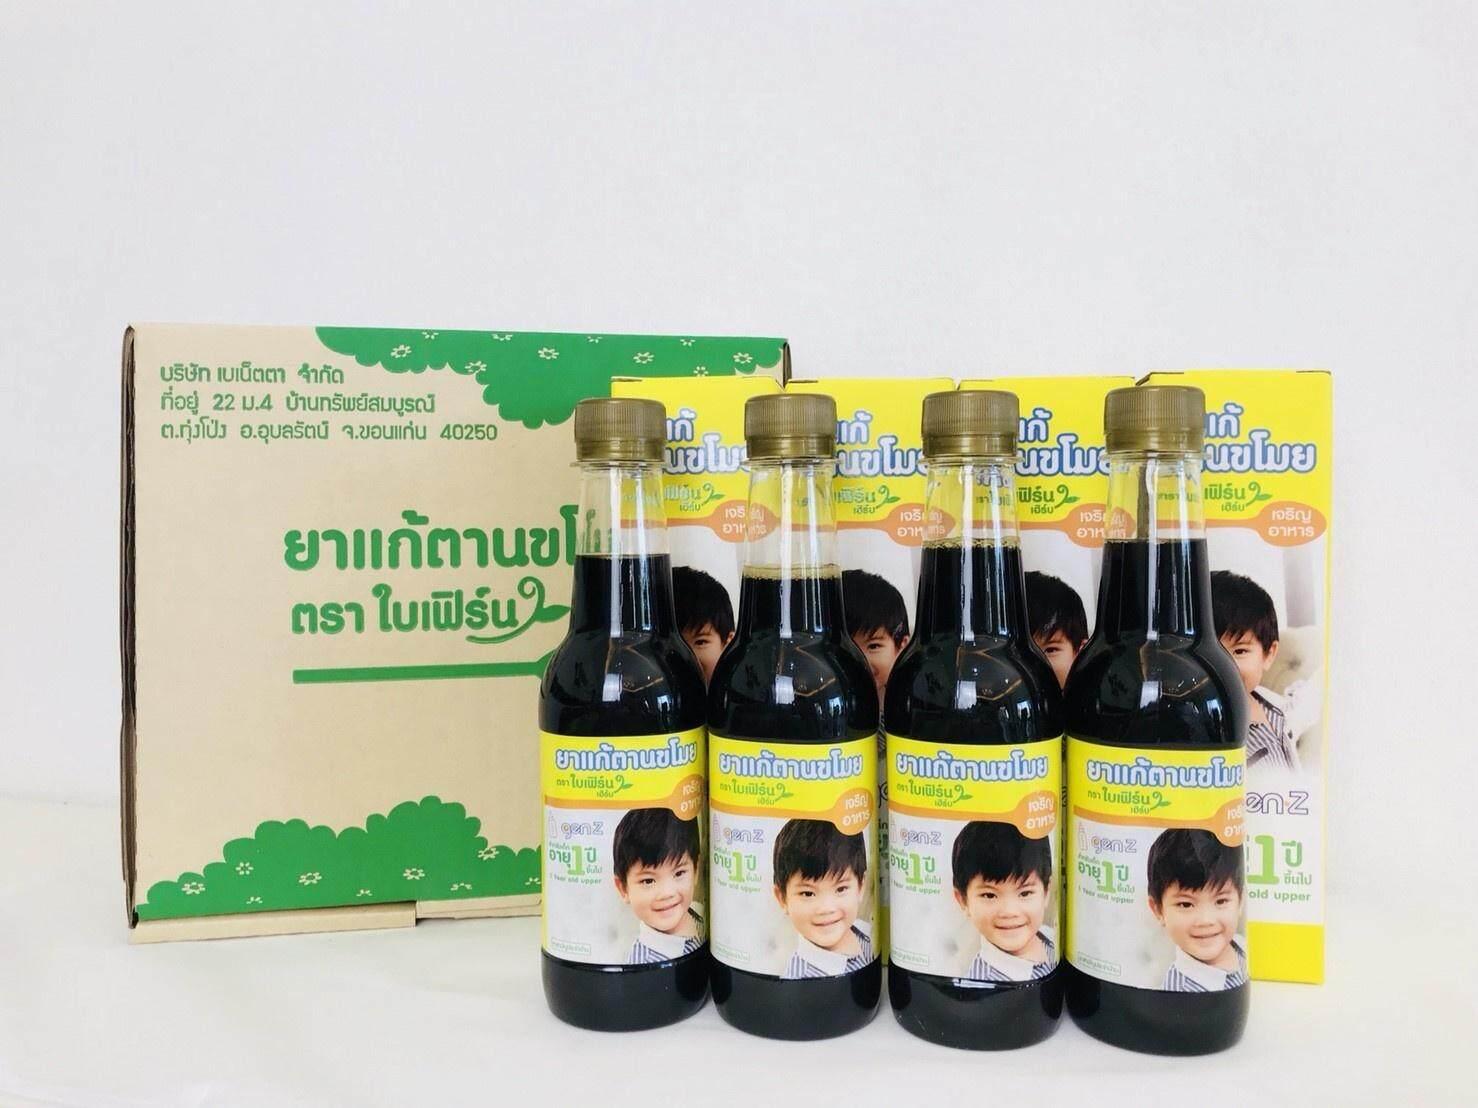 ยาซาง ตานขโมย พุงโรก้นปอด ตราใบเฟิร์น แก้อาการลูกน้อยถ่ายยาก ท้องผูก เบื่ออาหาร ทานข้าวน้อย ตัวเล็กน้ำหนักน้อยโตไม่ทันเพื่อน พัฒนาการช้า By A.mart Etrading Group (thailand).